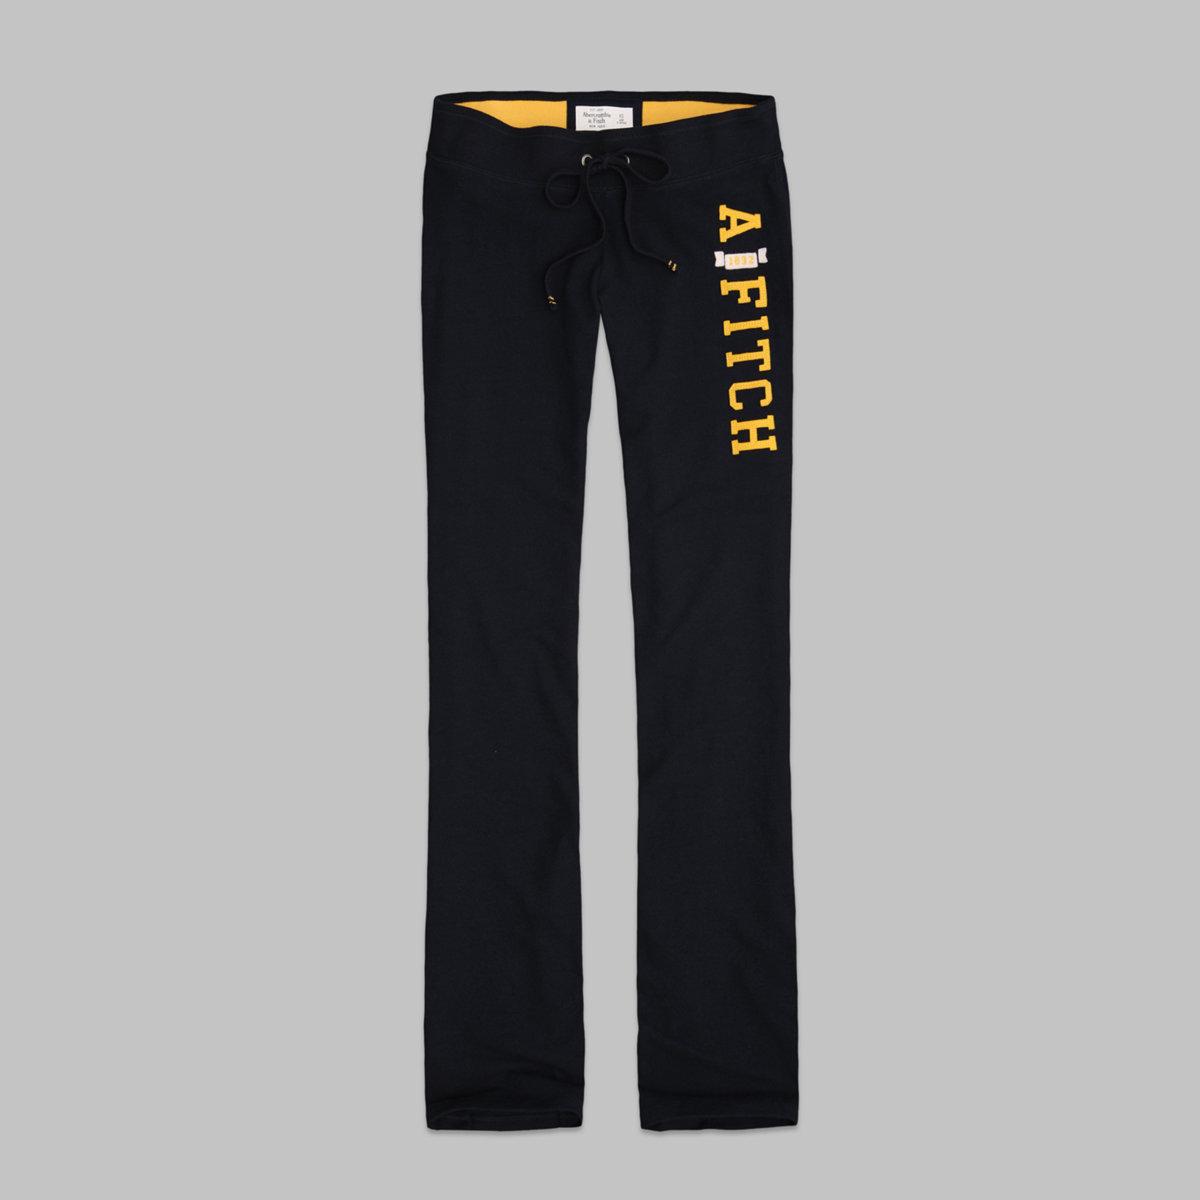 A&F Lounge Sweatpants